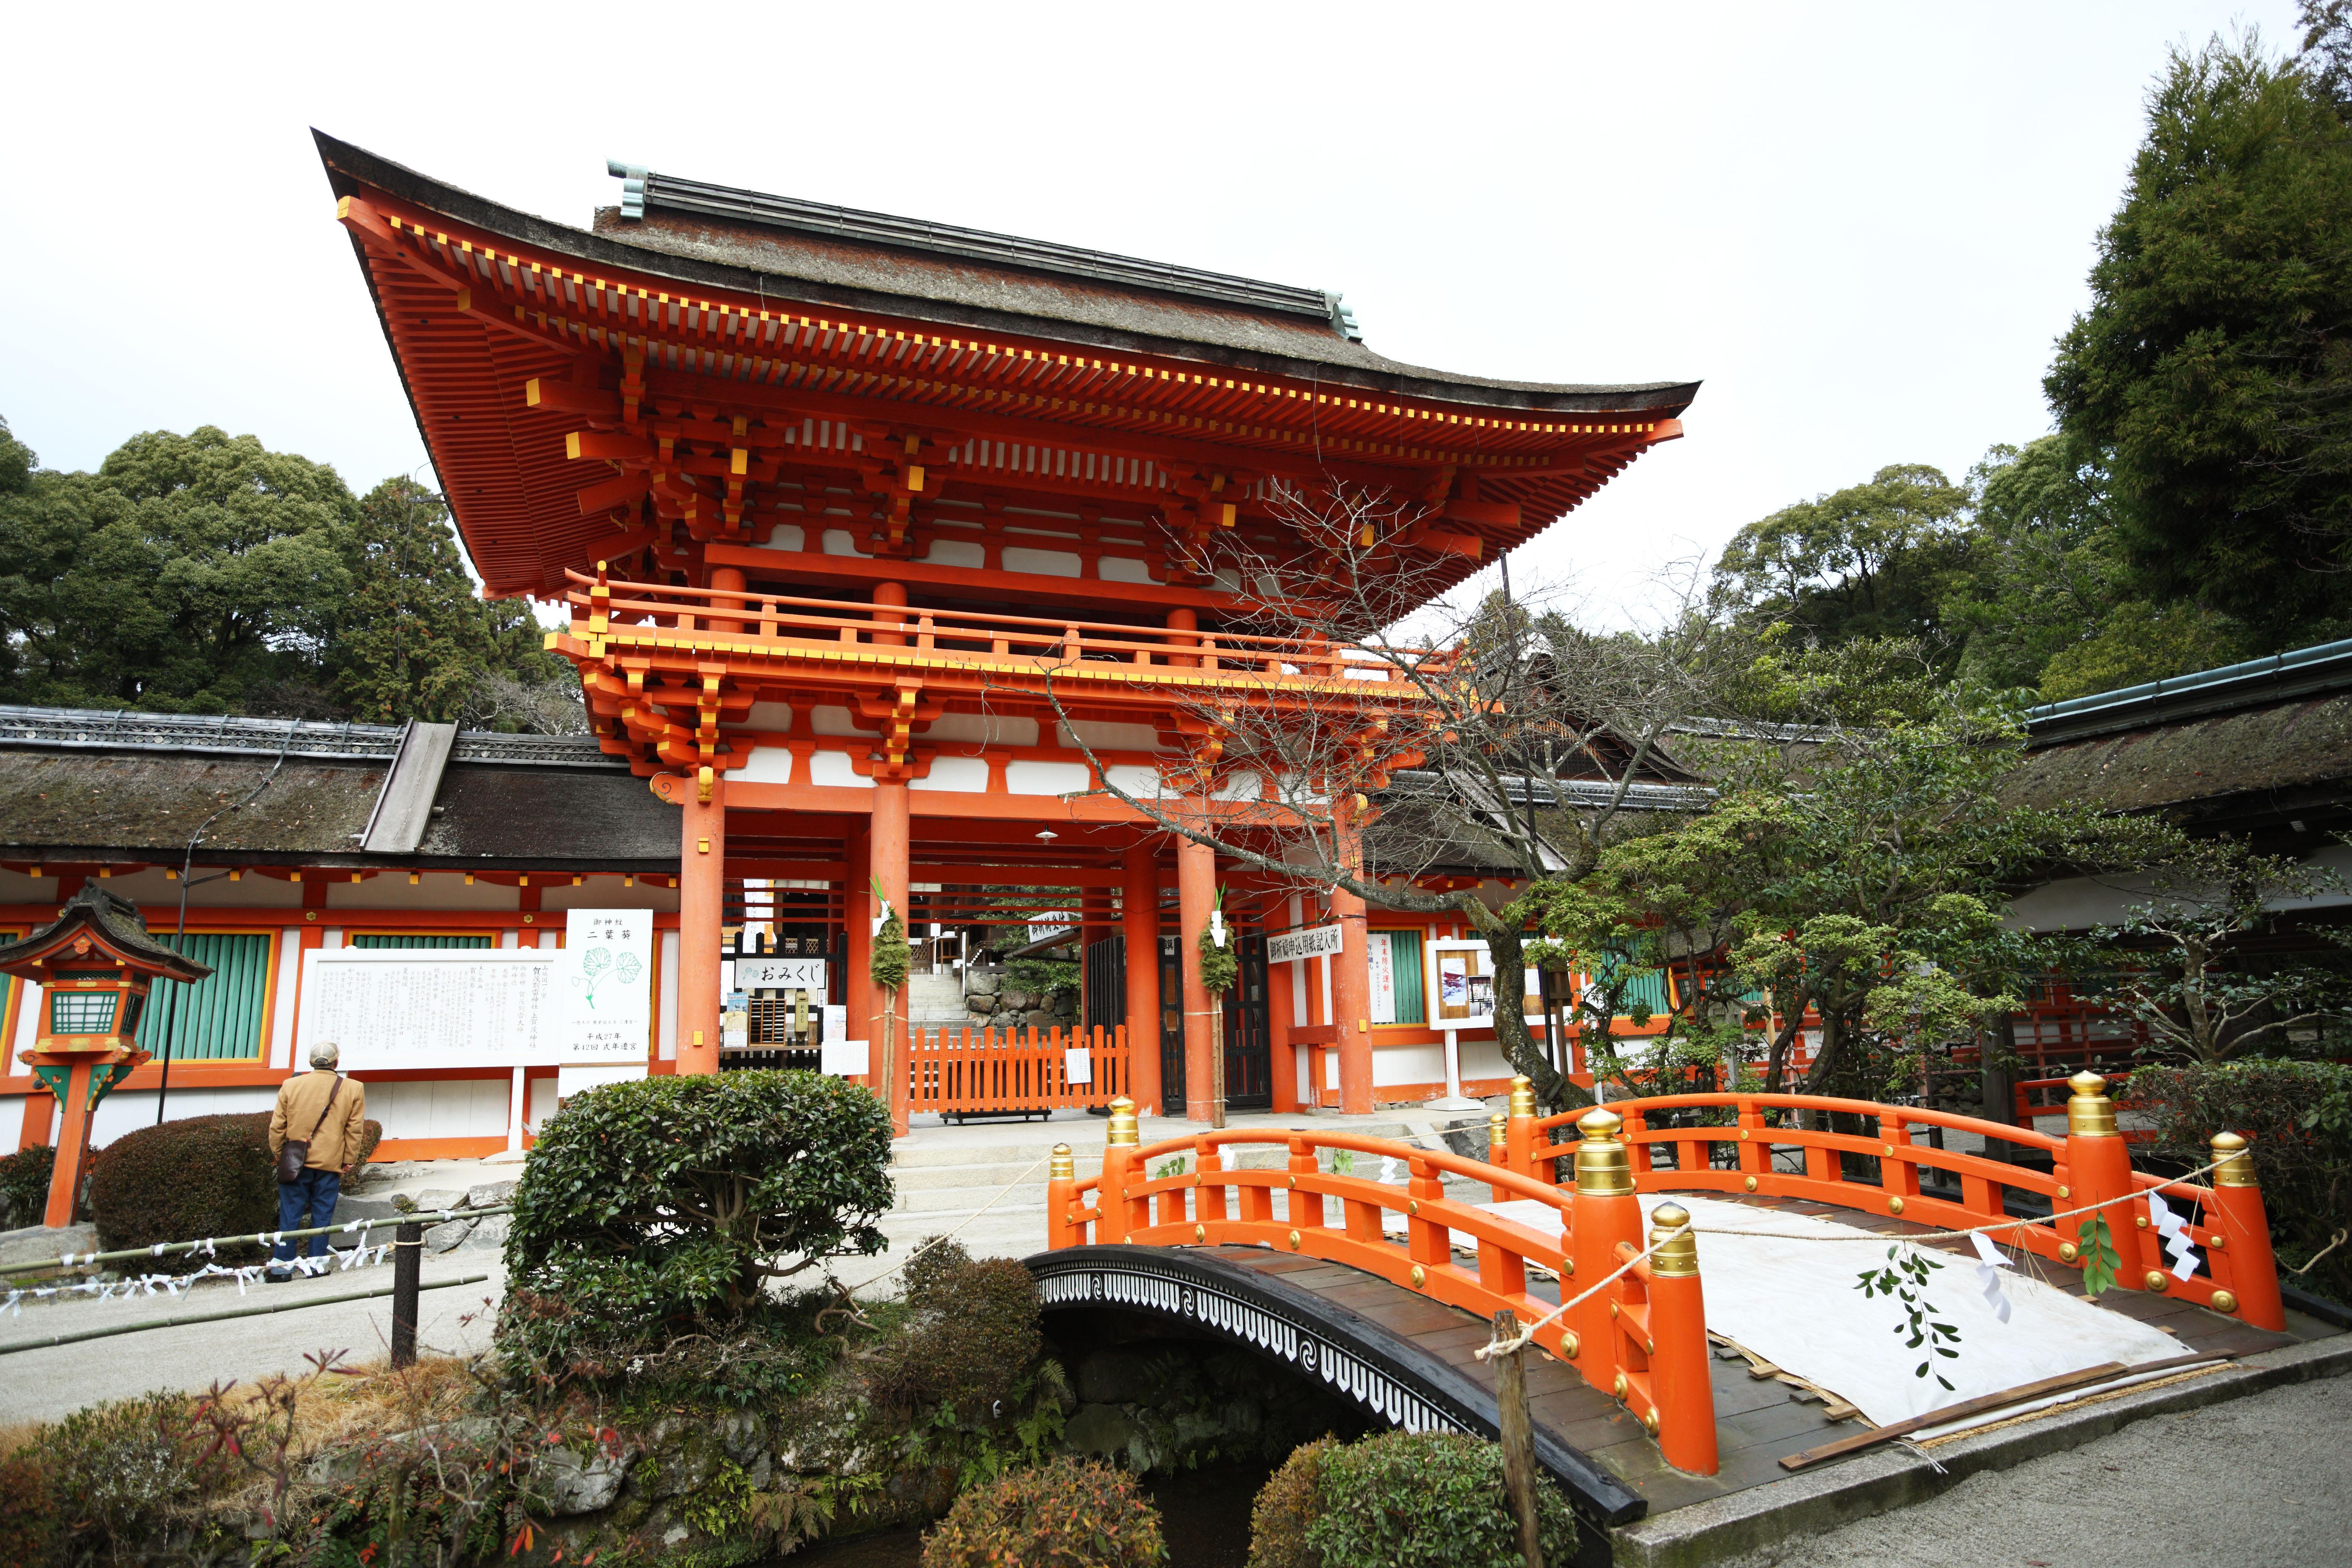 上賀茂神社周辺でランチのおすすめは?人気のカフェでお参りの後は一休み!